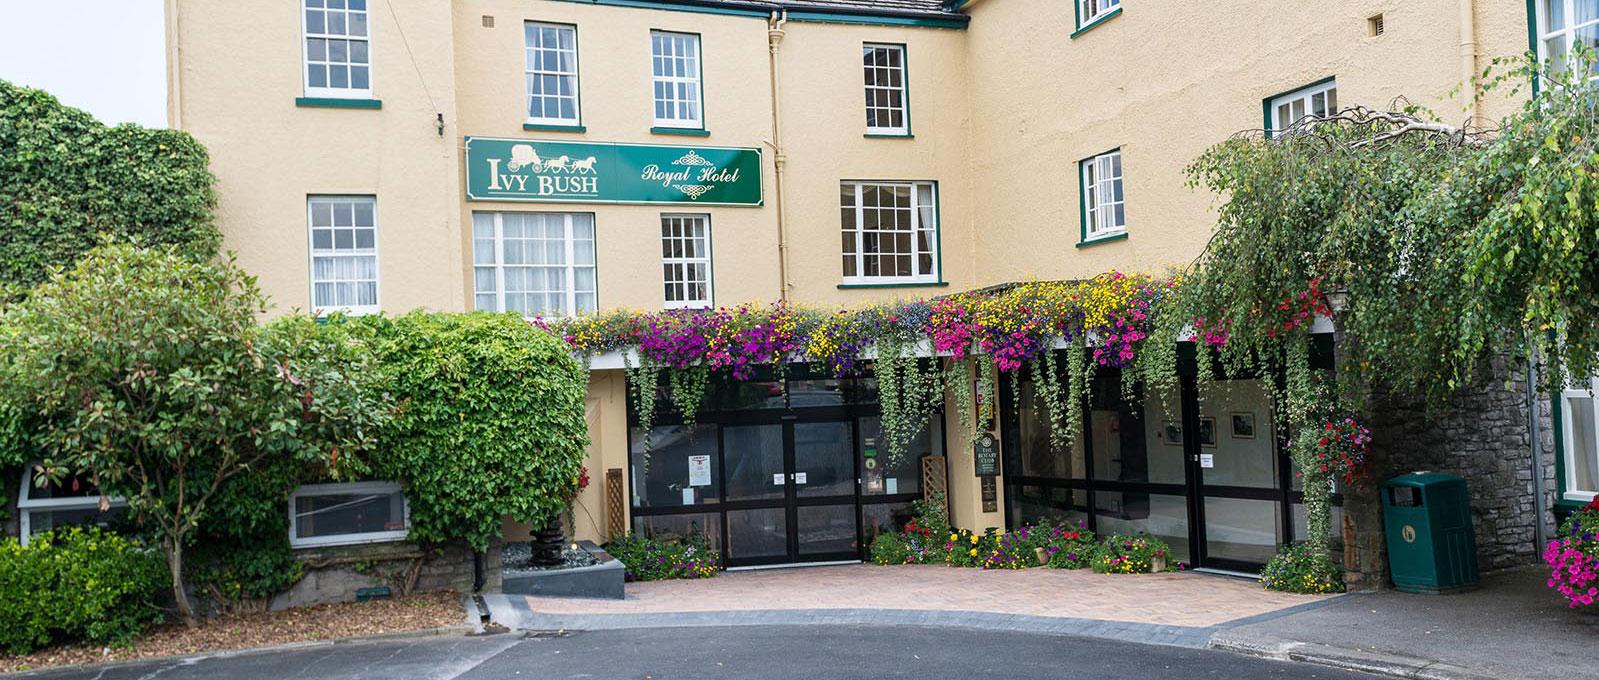 Ivy Bush Hotel